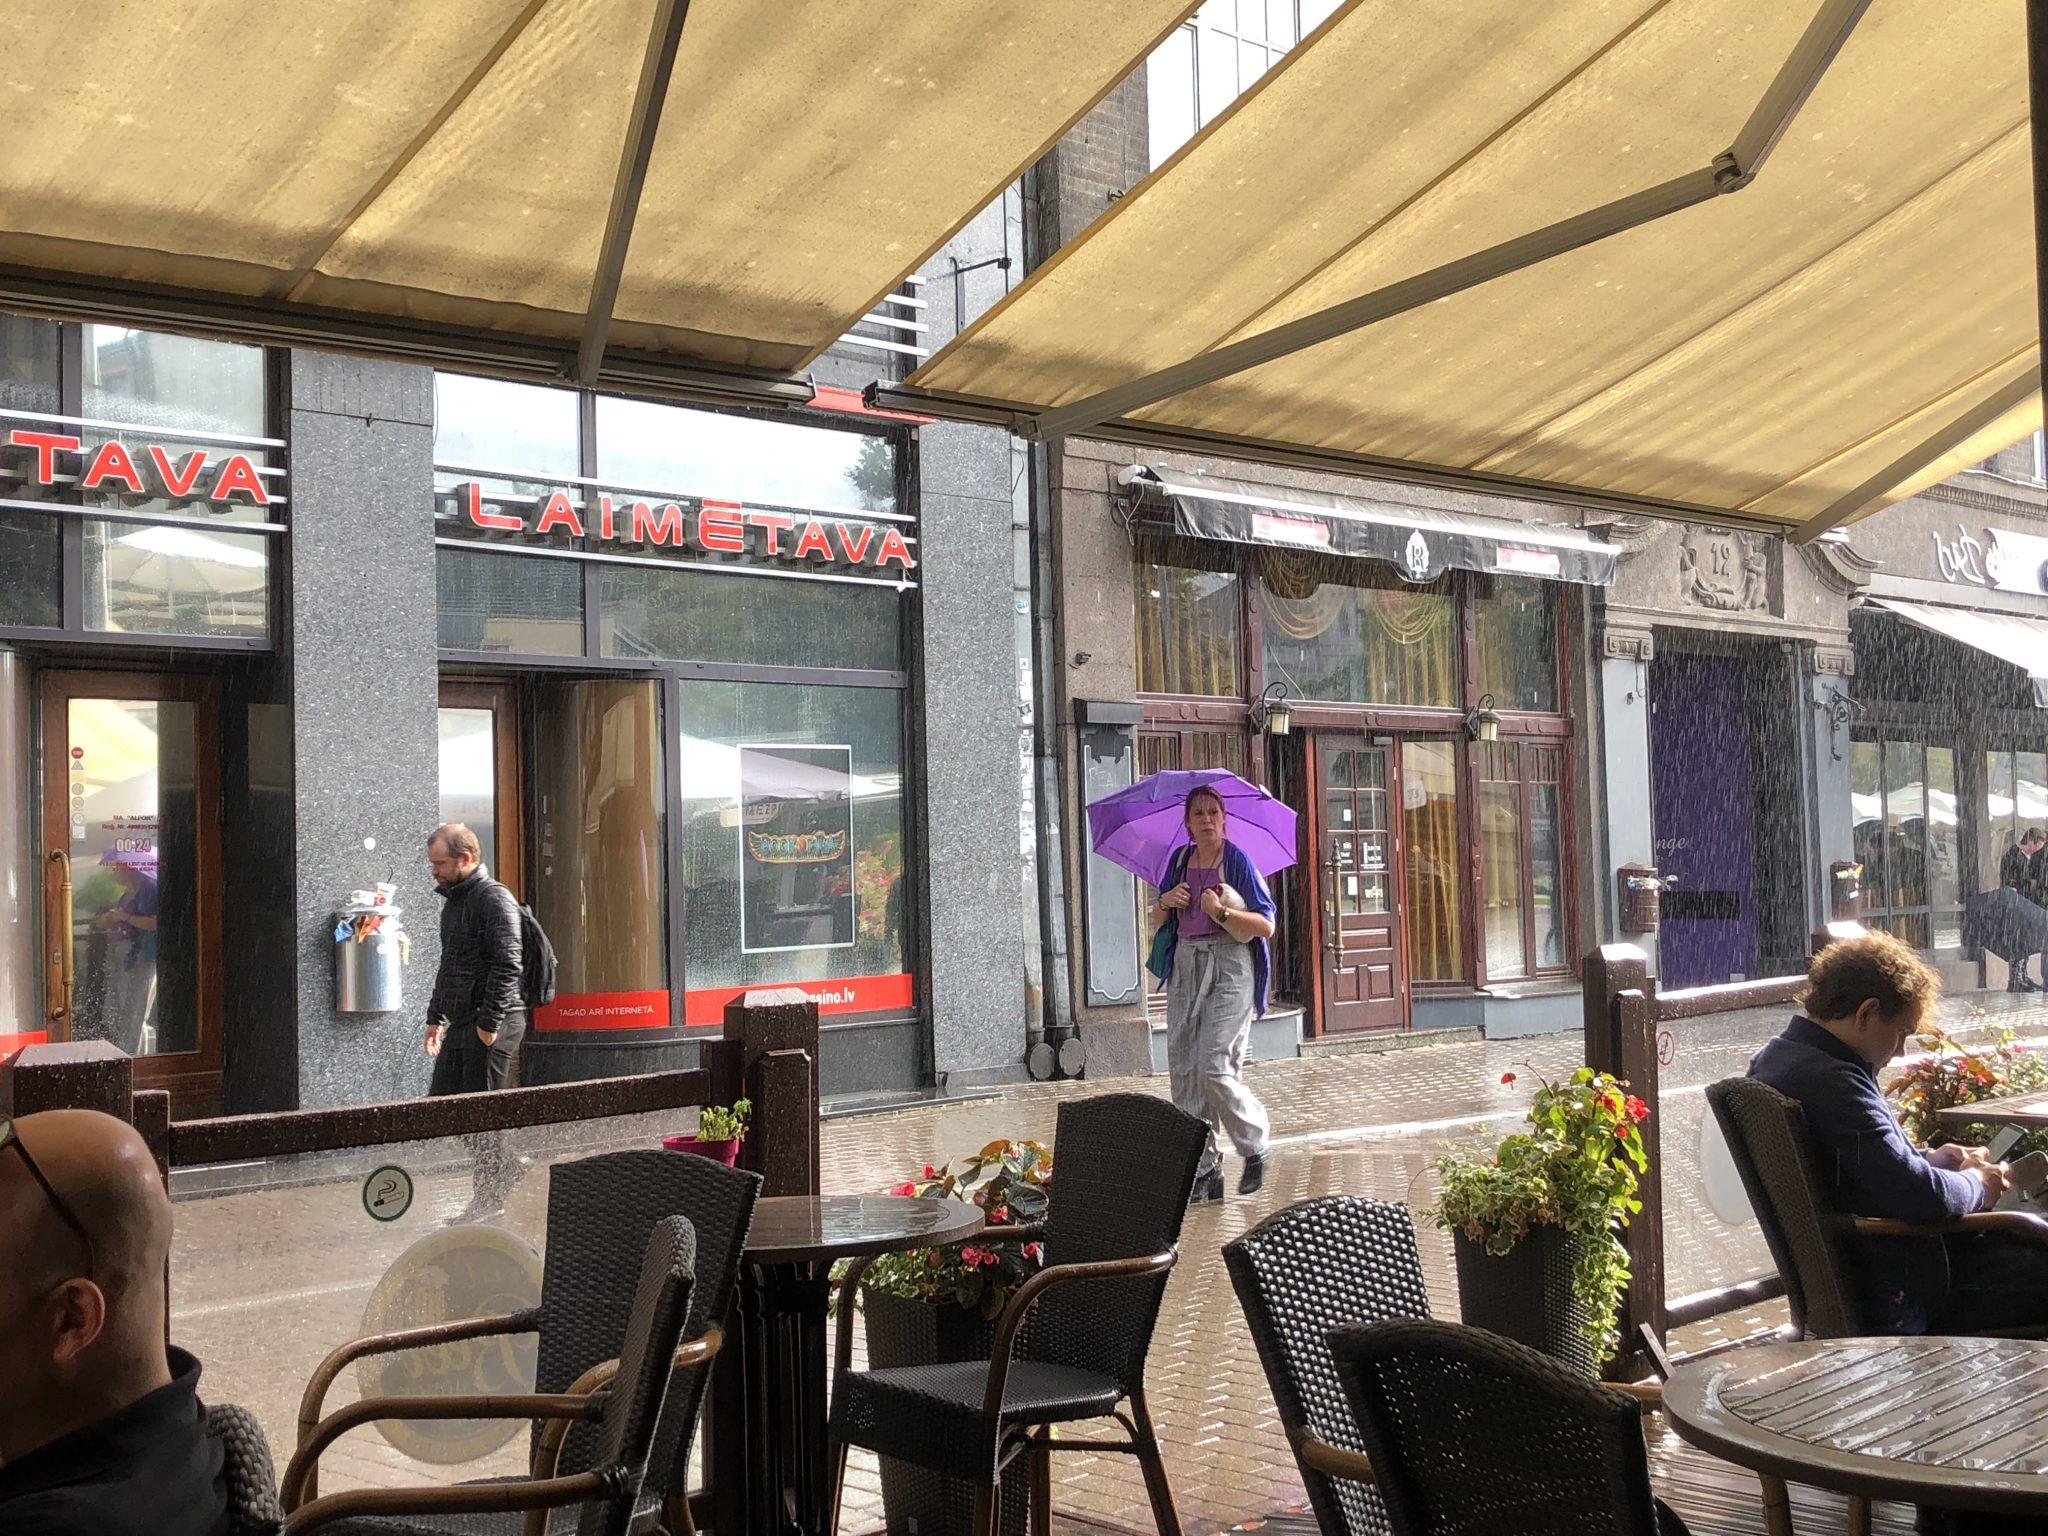 Stadtlegen in Riga Menschen vor dem Laimetava